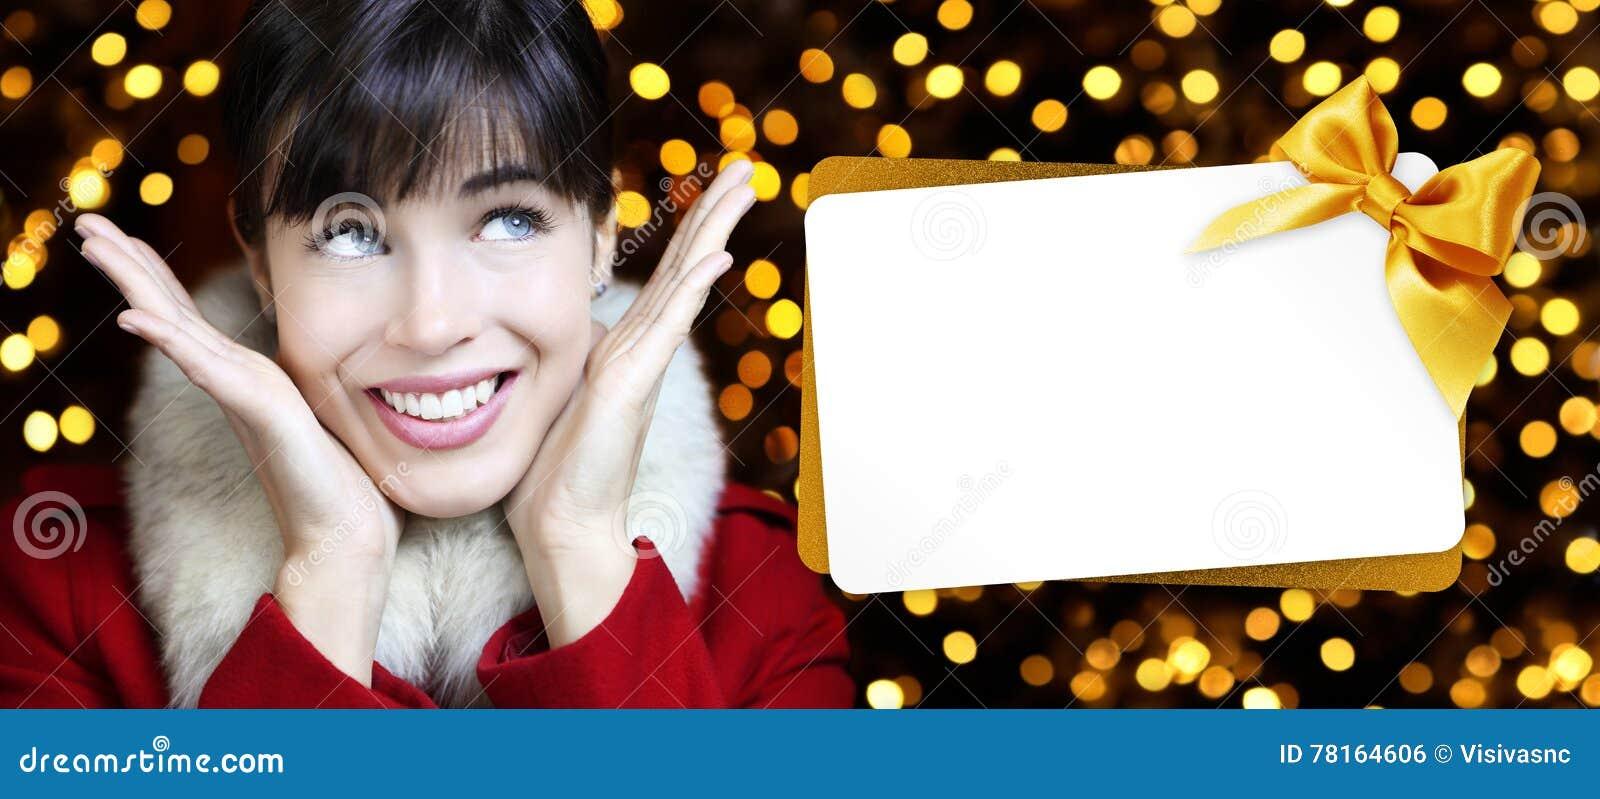 Mulher com o vale-oferta do Natal em luzes douradas